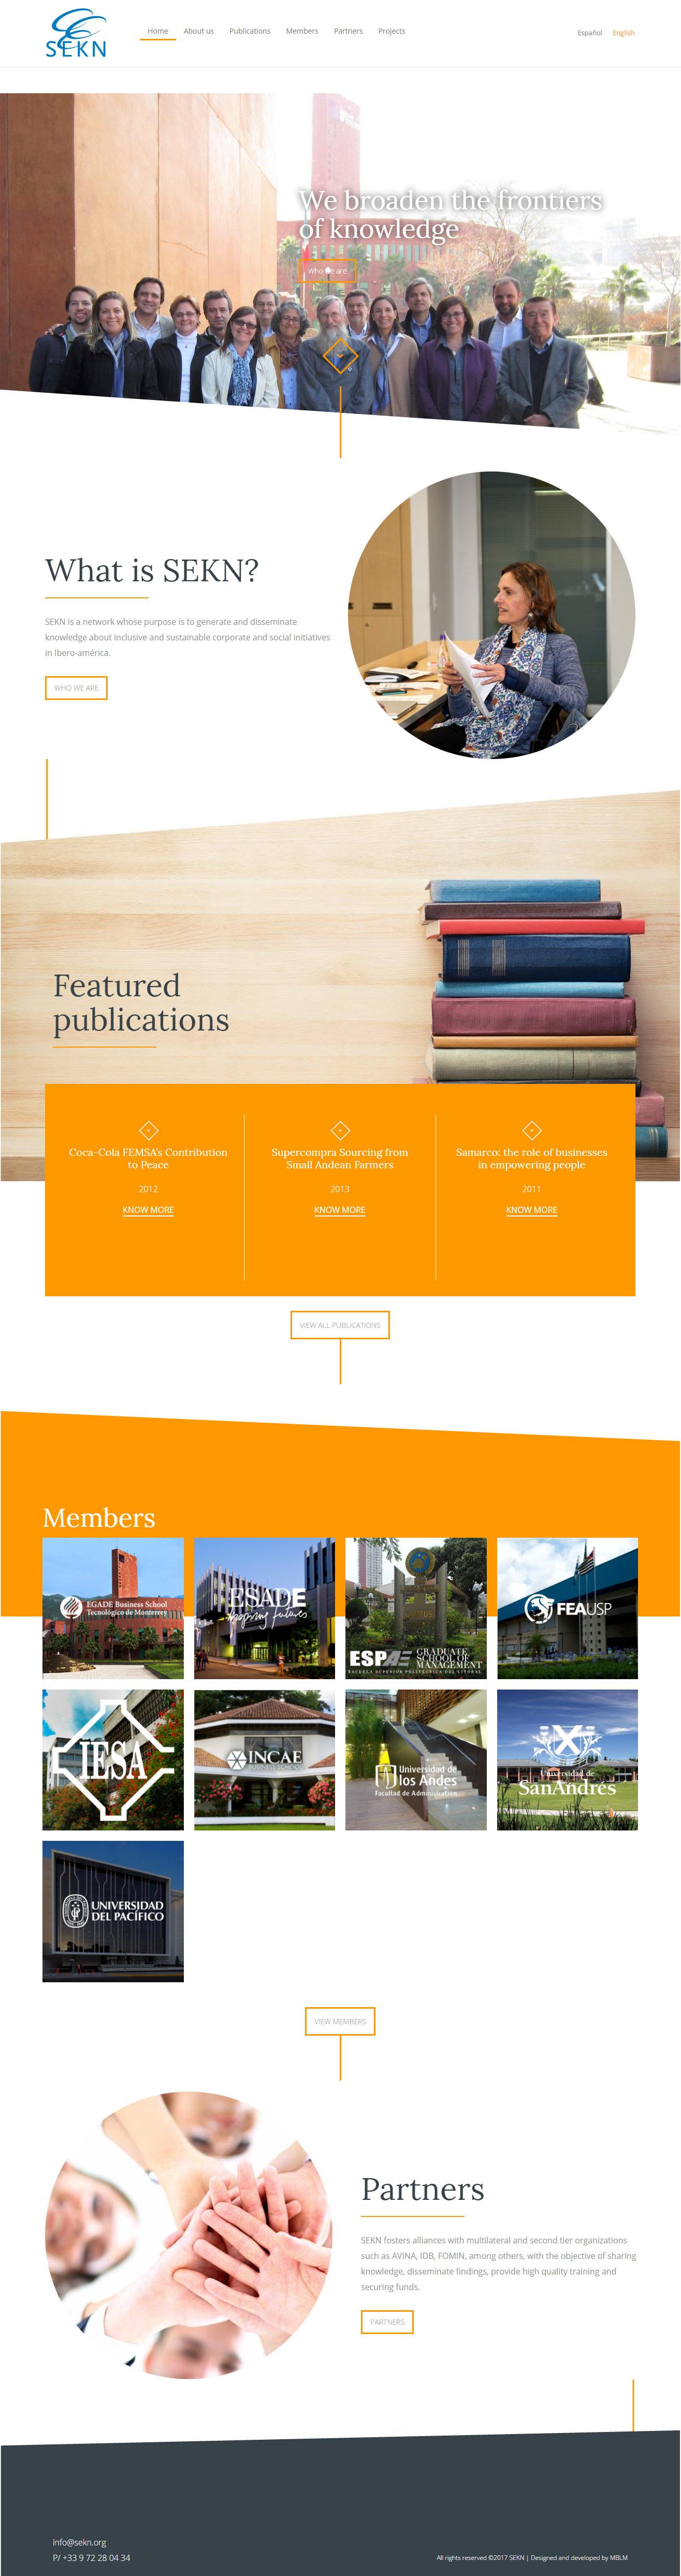 SEKN | Red que tiene como propósito generar y difundir conocimiento sobre iniciativas empresariales y sociales, inclusivas y sostenibles en Iberoamérica. Sitio web responsive desarrollado para WordPress con bootstrap en tres idiomas y flitros sobre un diseño de MBLM